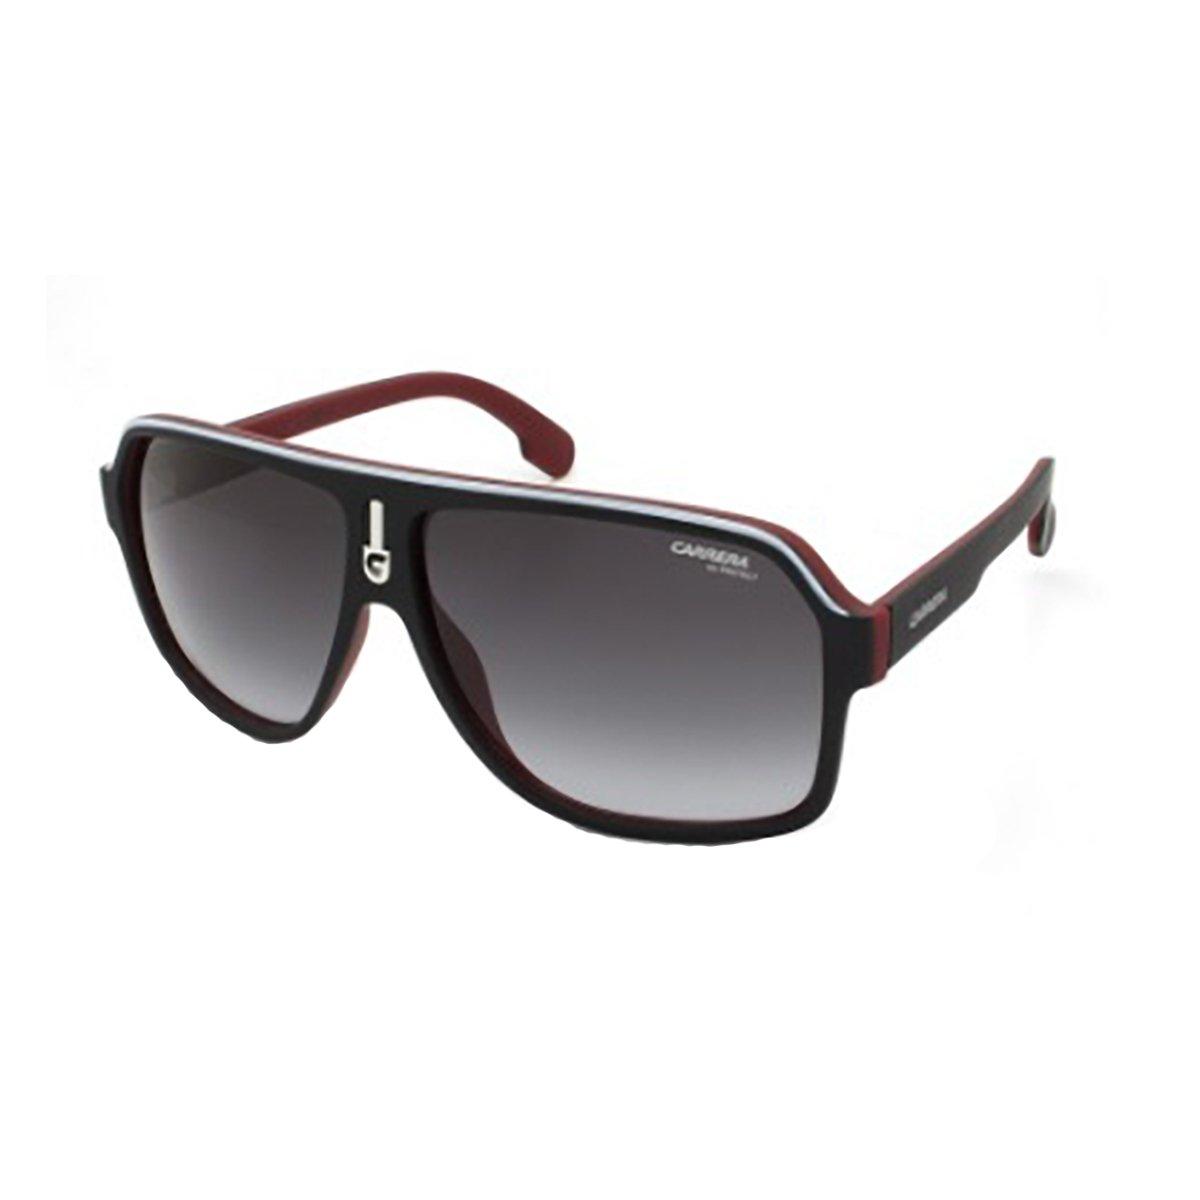 5239befee03ec Compre Óculos de Sol Carrera em 10X   Tri-Jóia Shop